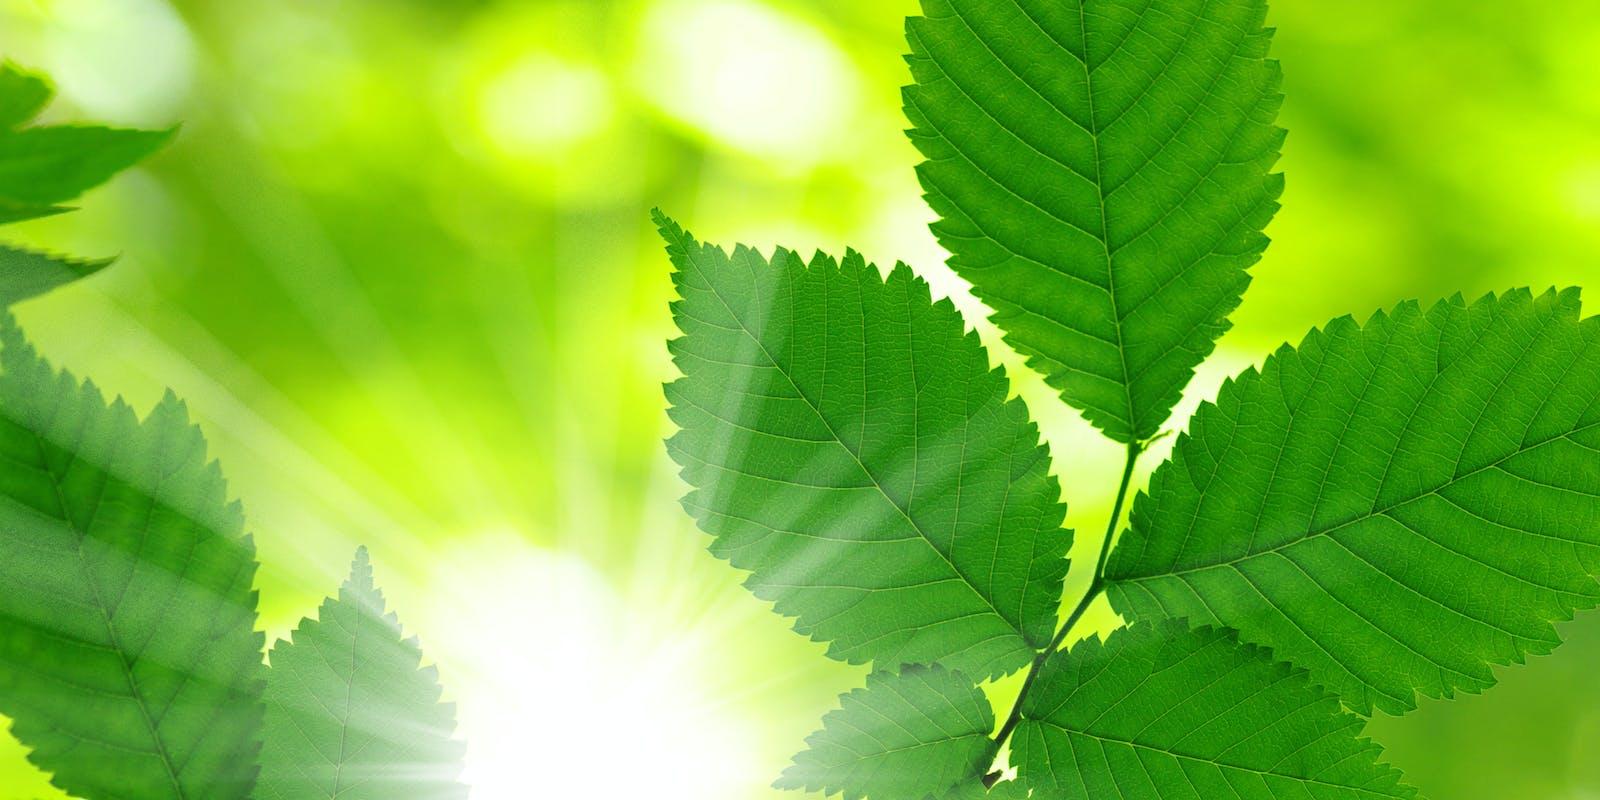 EDROP Engineering AG Stimmungsbild Blätter grün